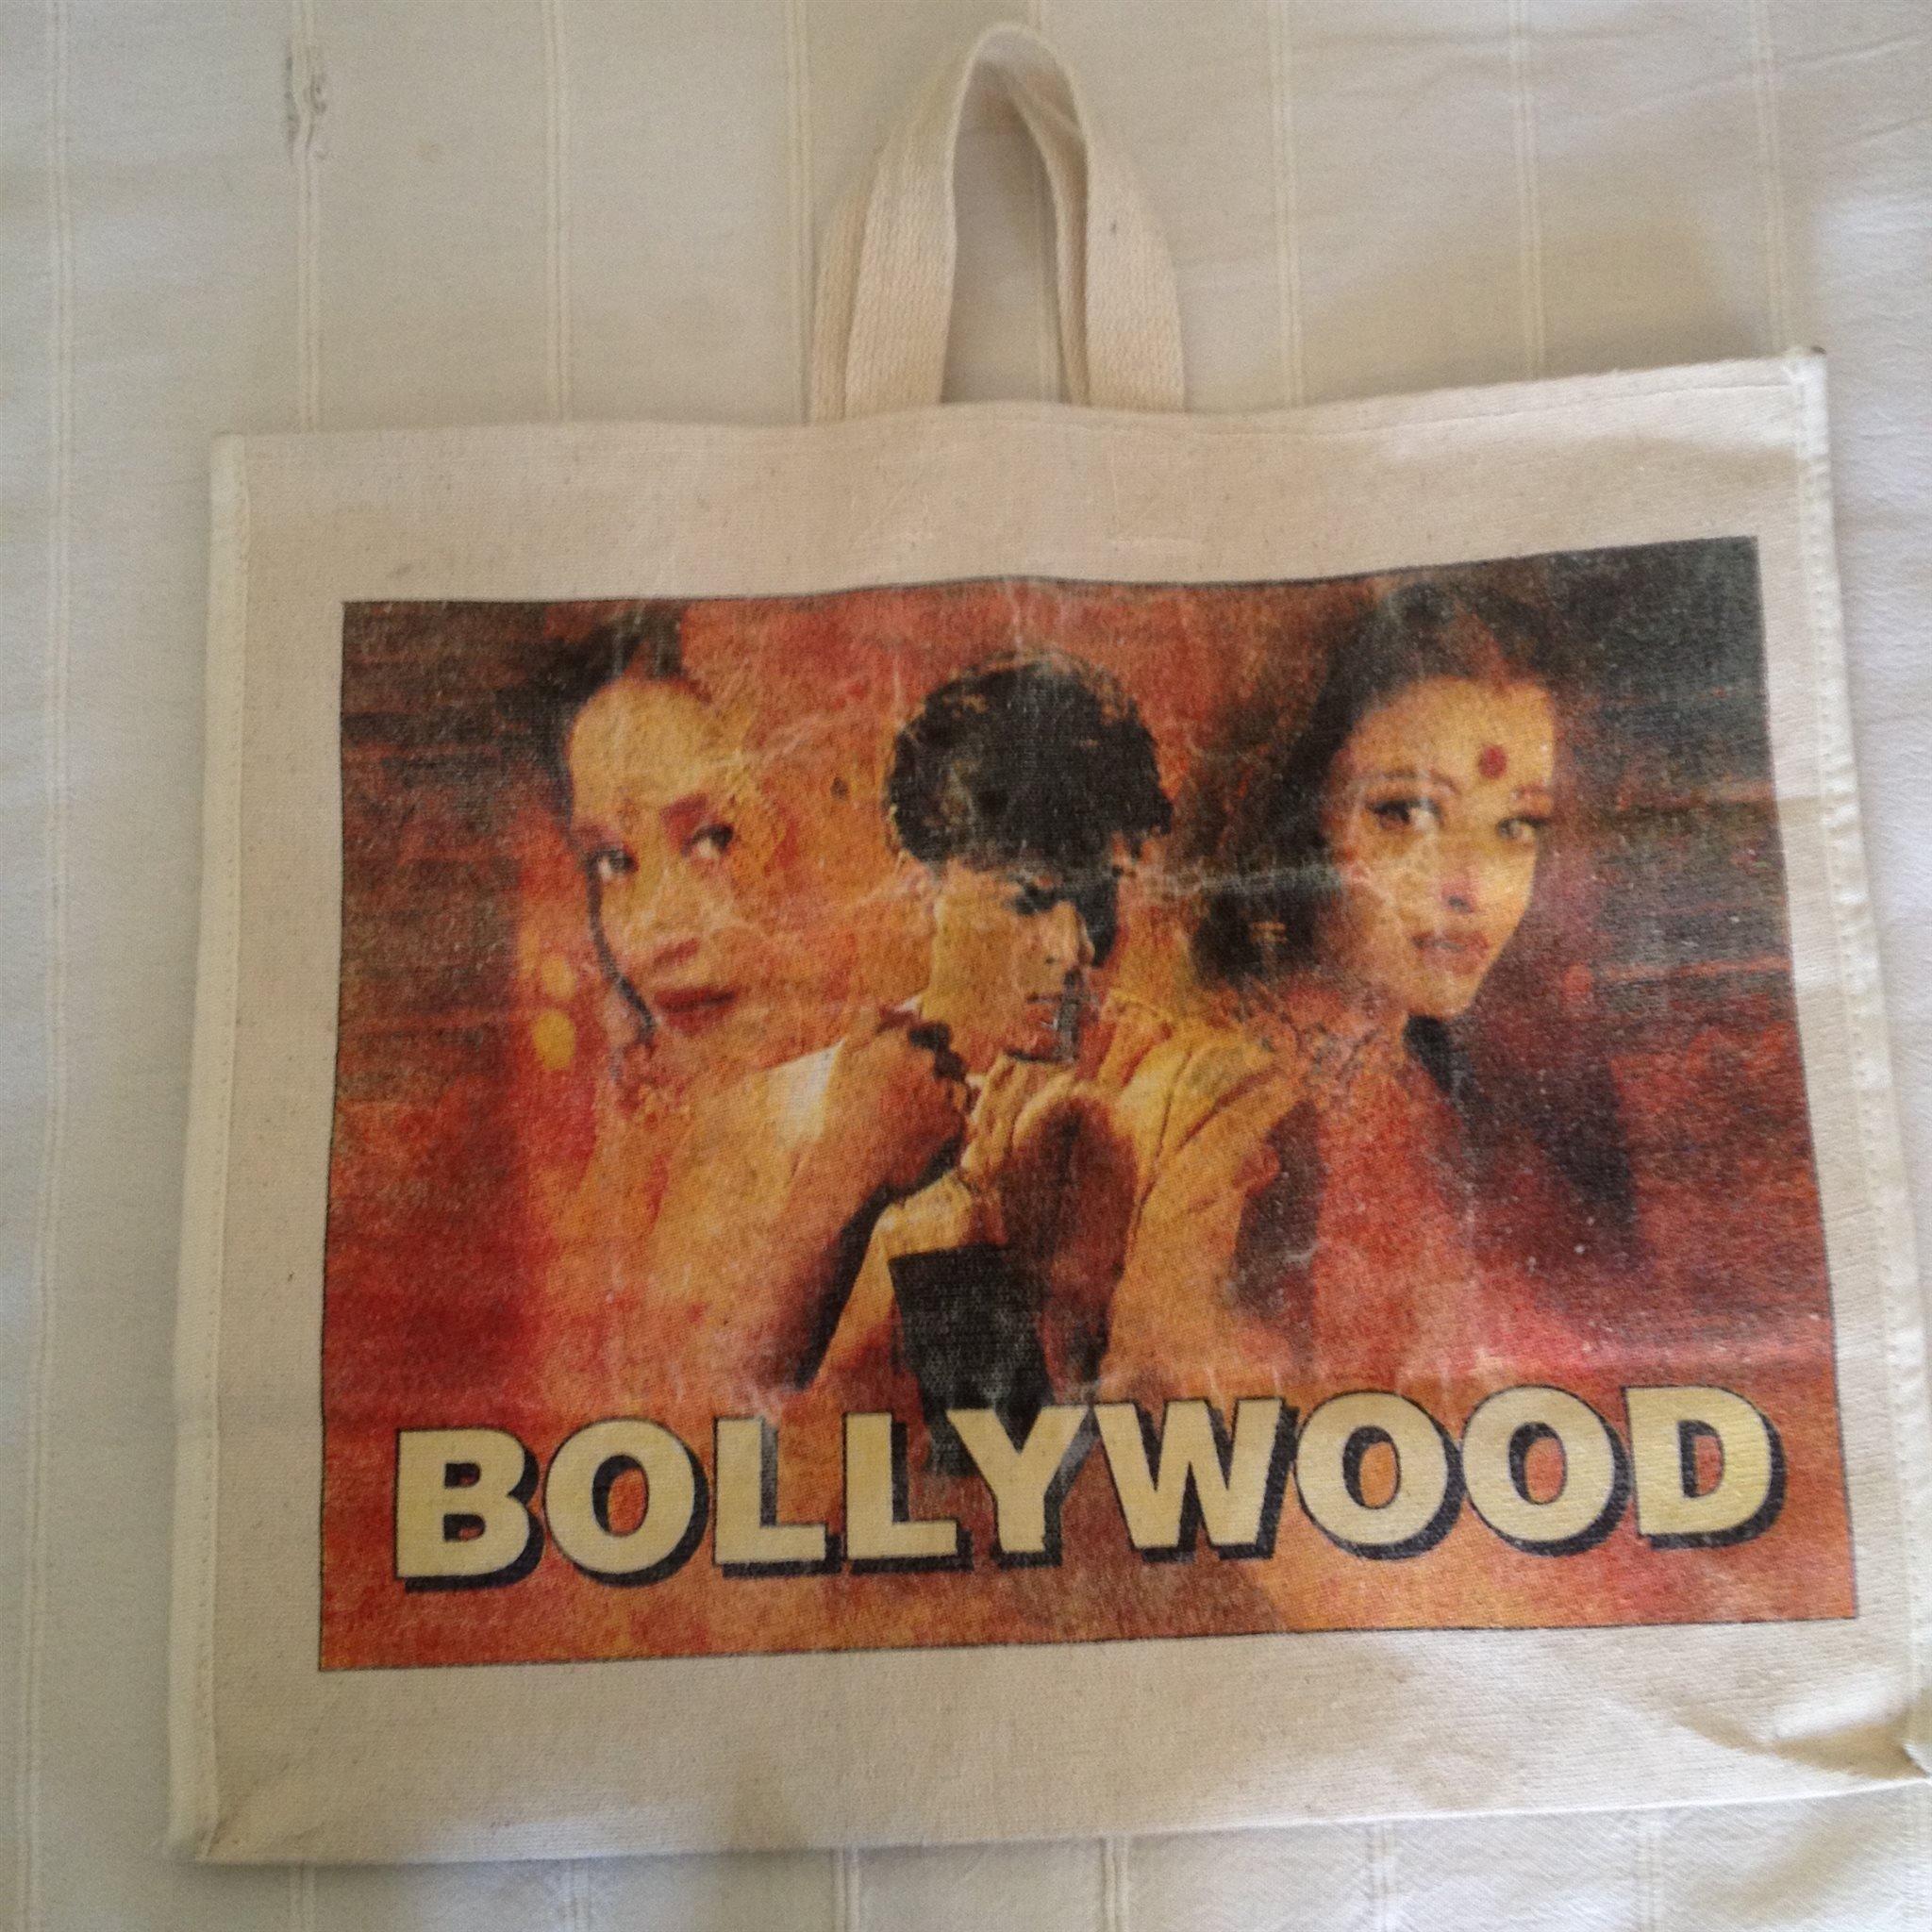 bb0c12c56f6d Bollywood bag väska canvas stor model slitstark shoppingbag tygpåse  strandväska ...